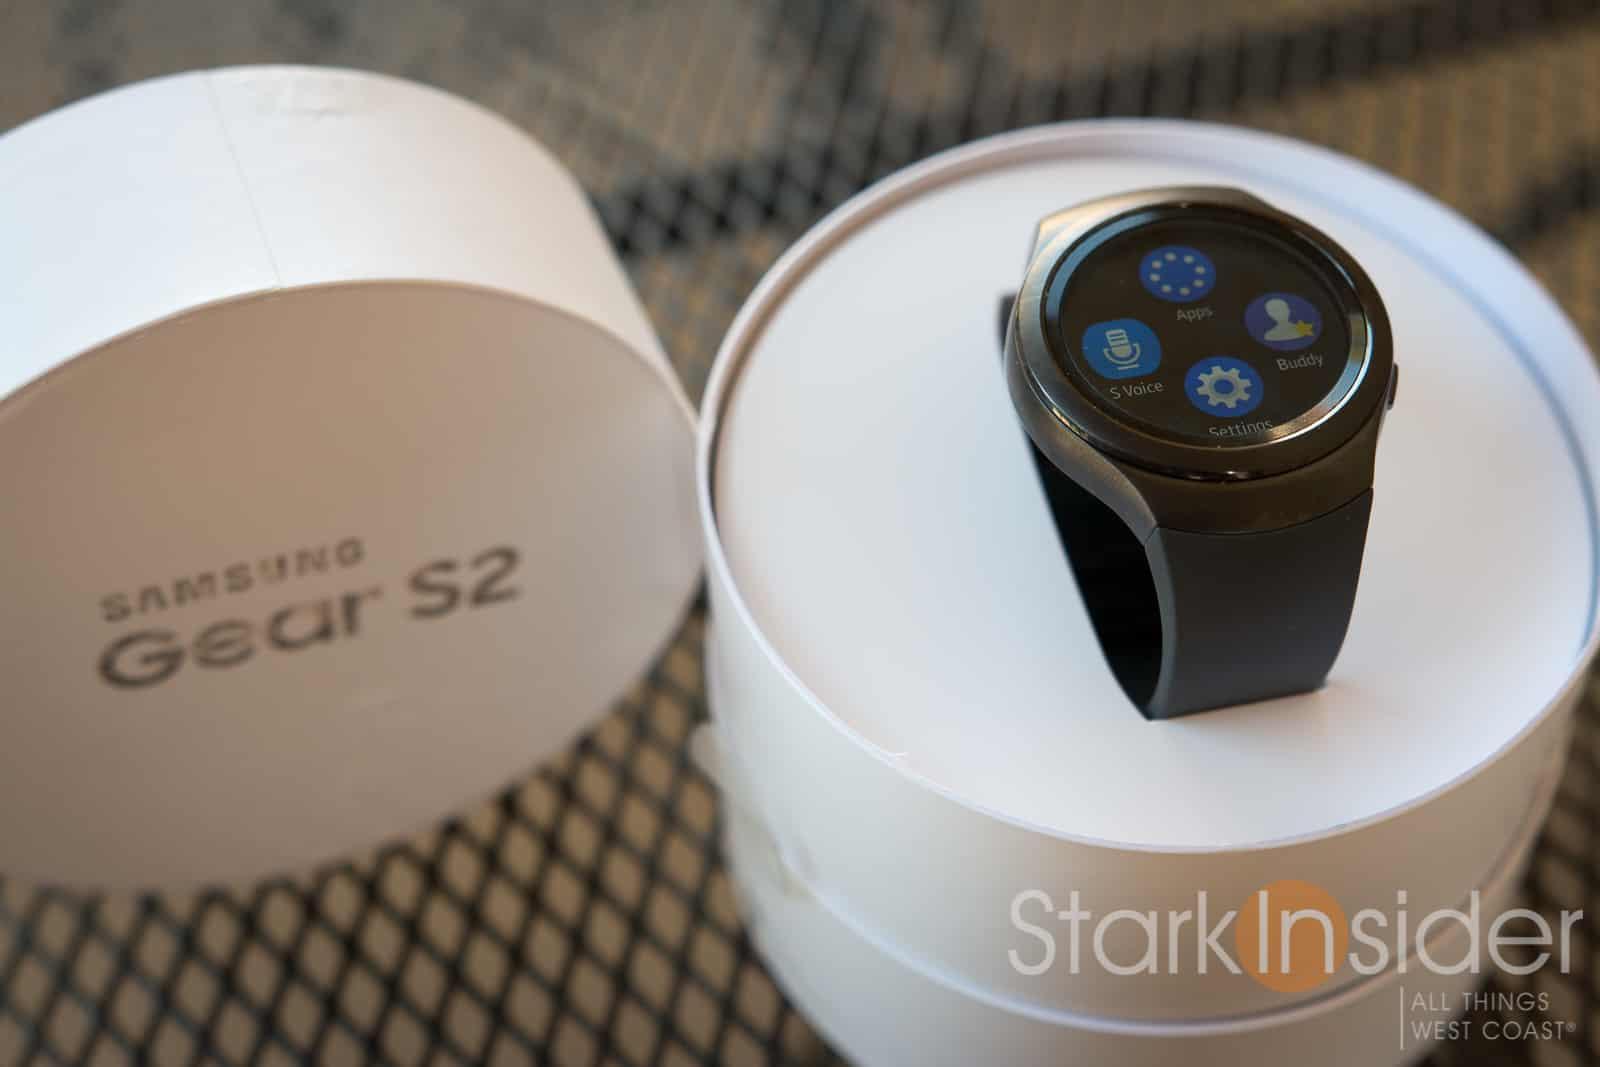 Verdict: Samsung Gear S2 smartwatch | Stark Insider